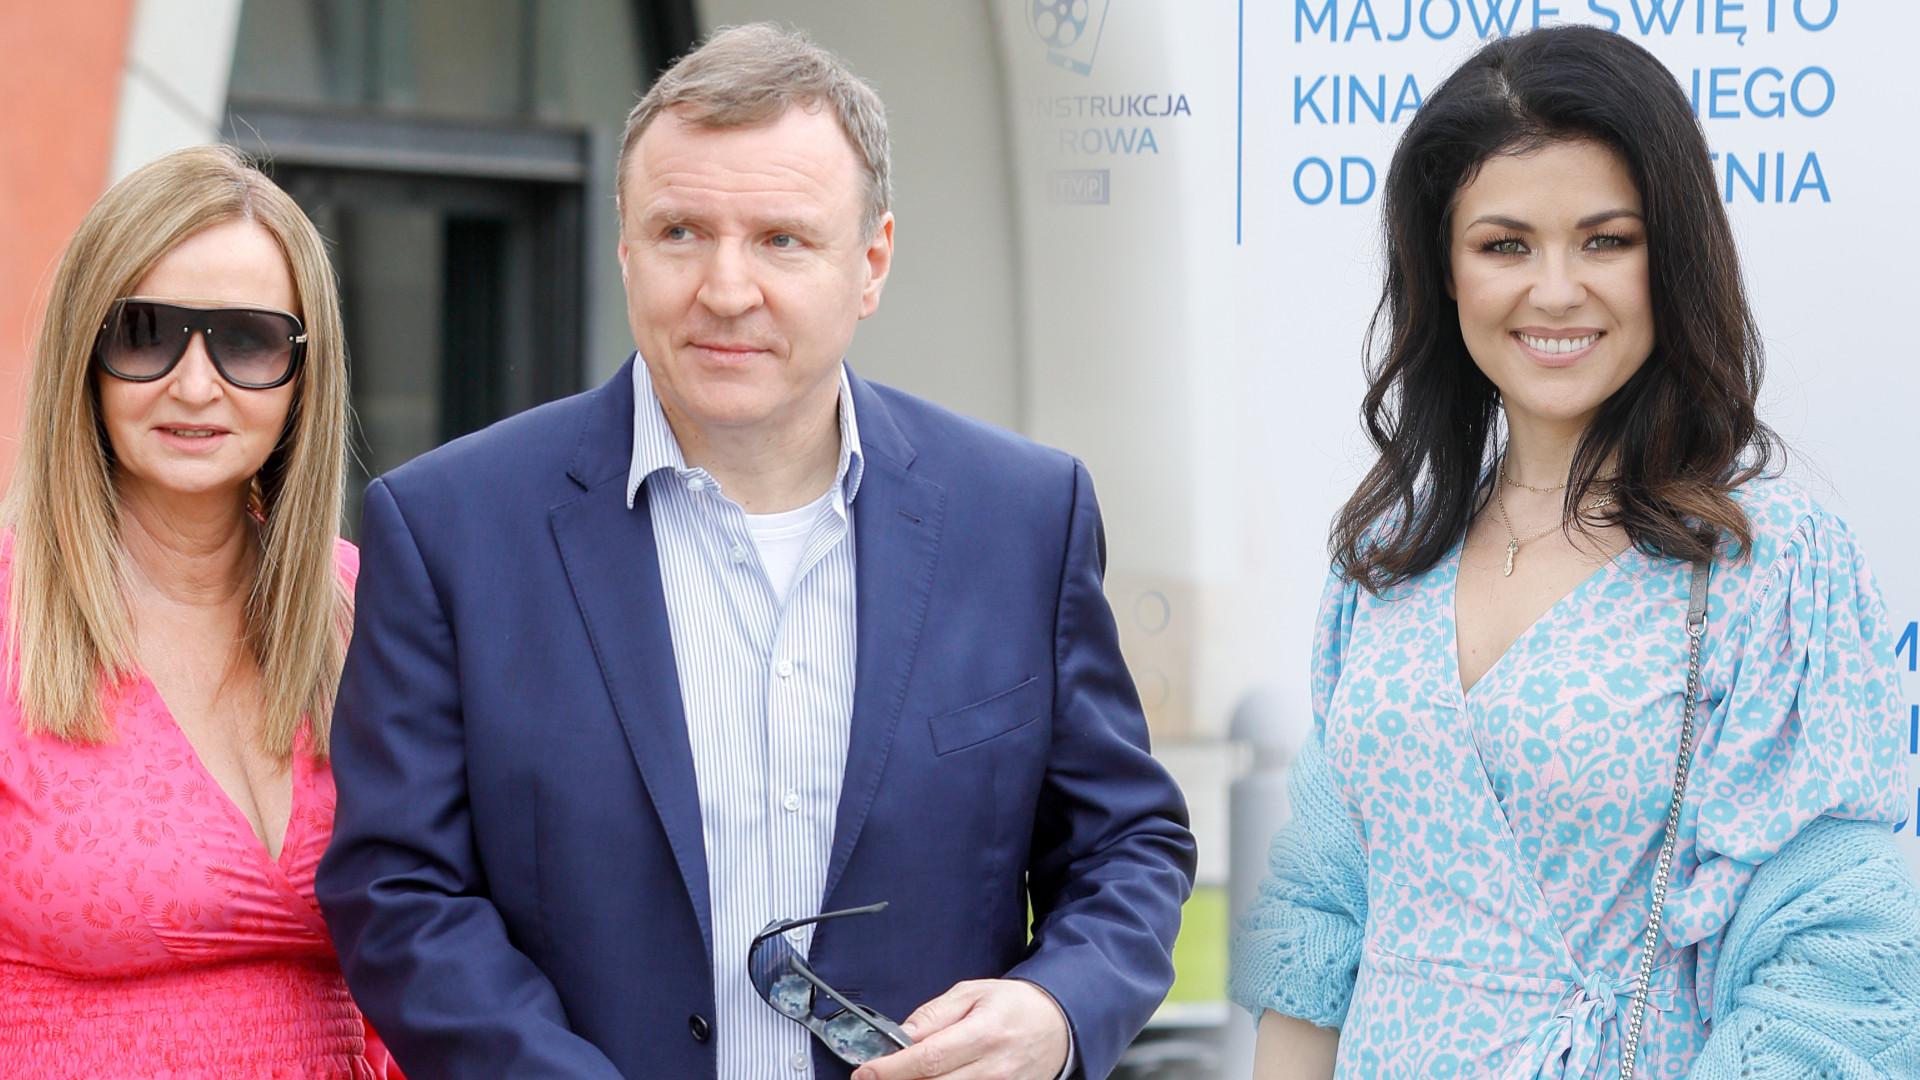 Gwiazdy na wydarzeniu TVP. Pojawił się Jacek Kurski z żoną Joanną i córką (ZDJĘCIA)